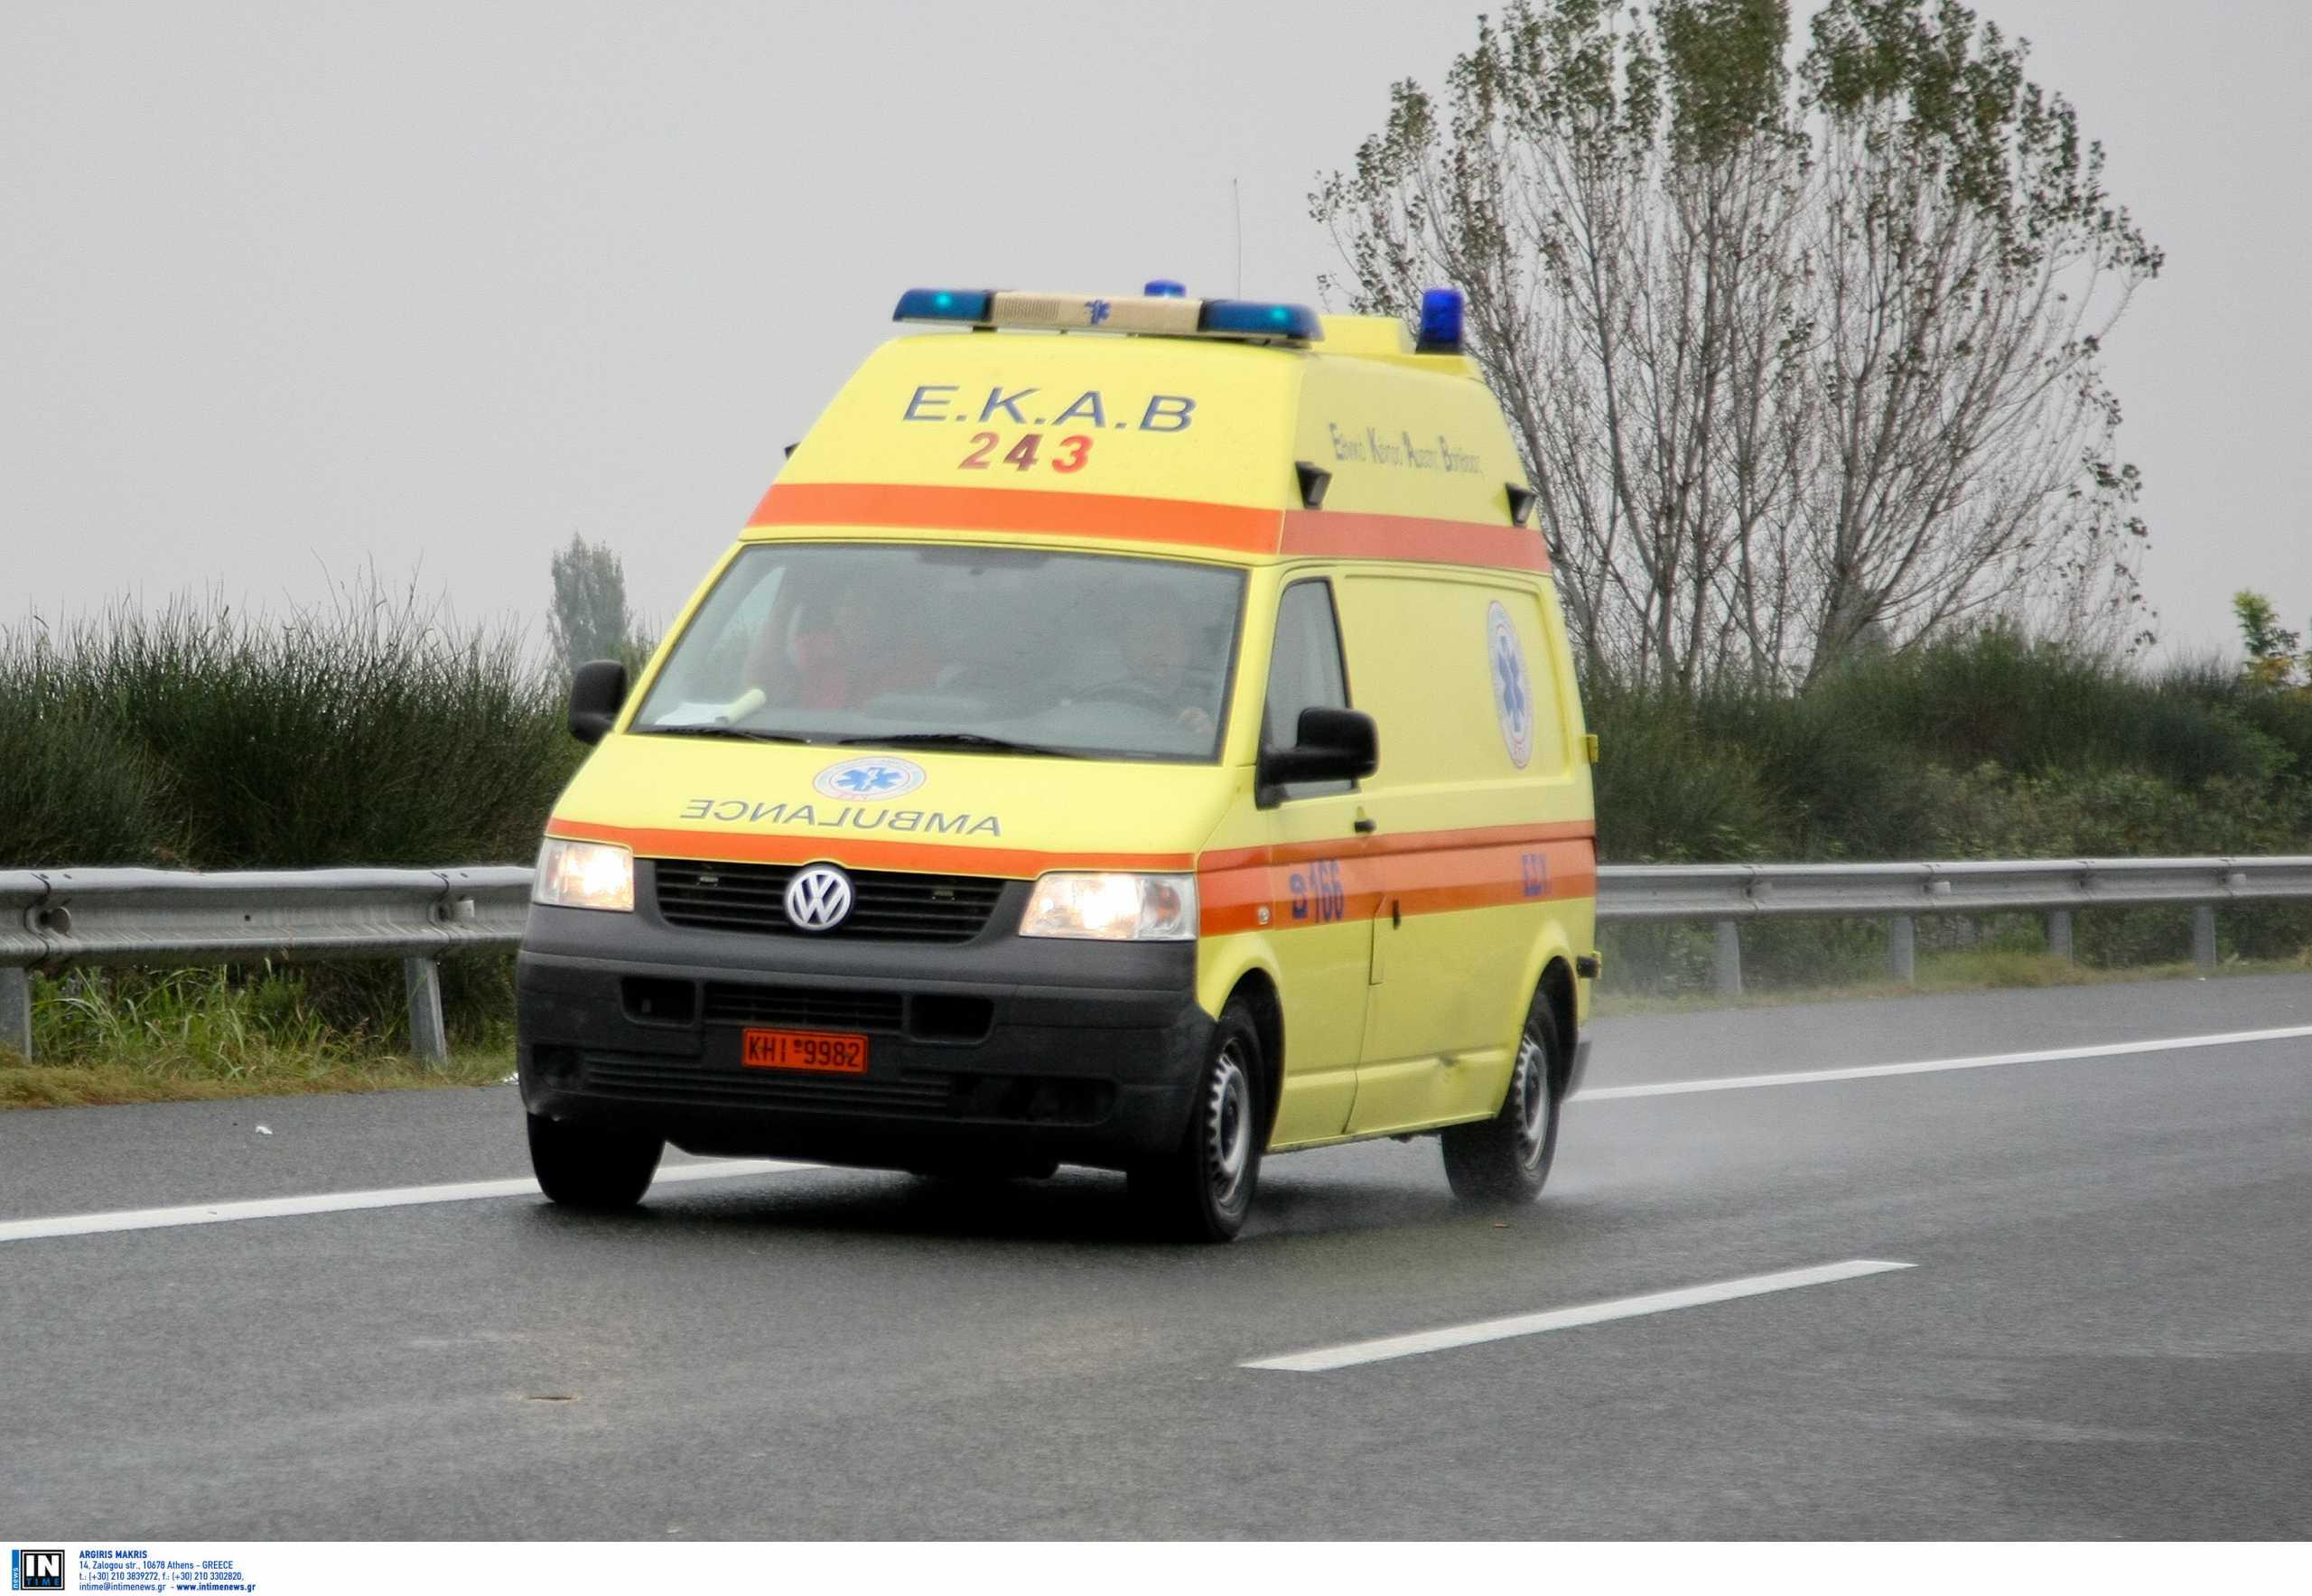 Κοζάνη: Καταδίωξη με ένα νεκρό και 10 τραυματίες – Πάγωσαν οι διασώστες στο σημείο του τροχαίου